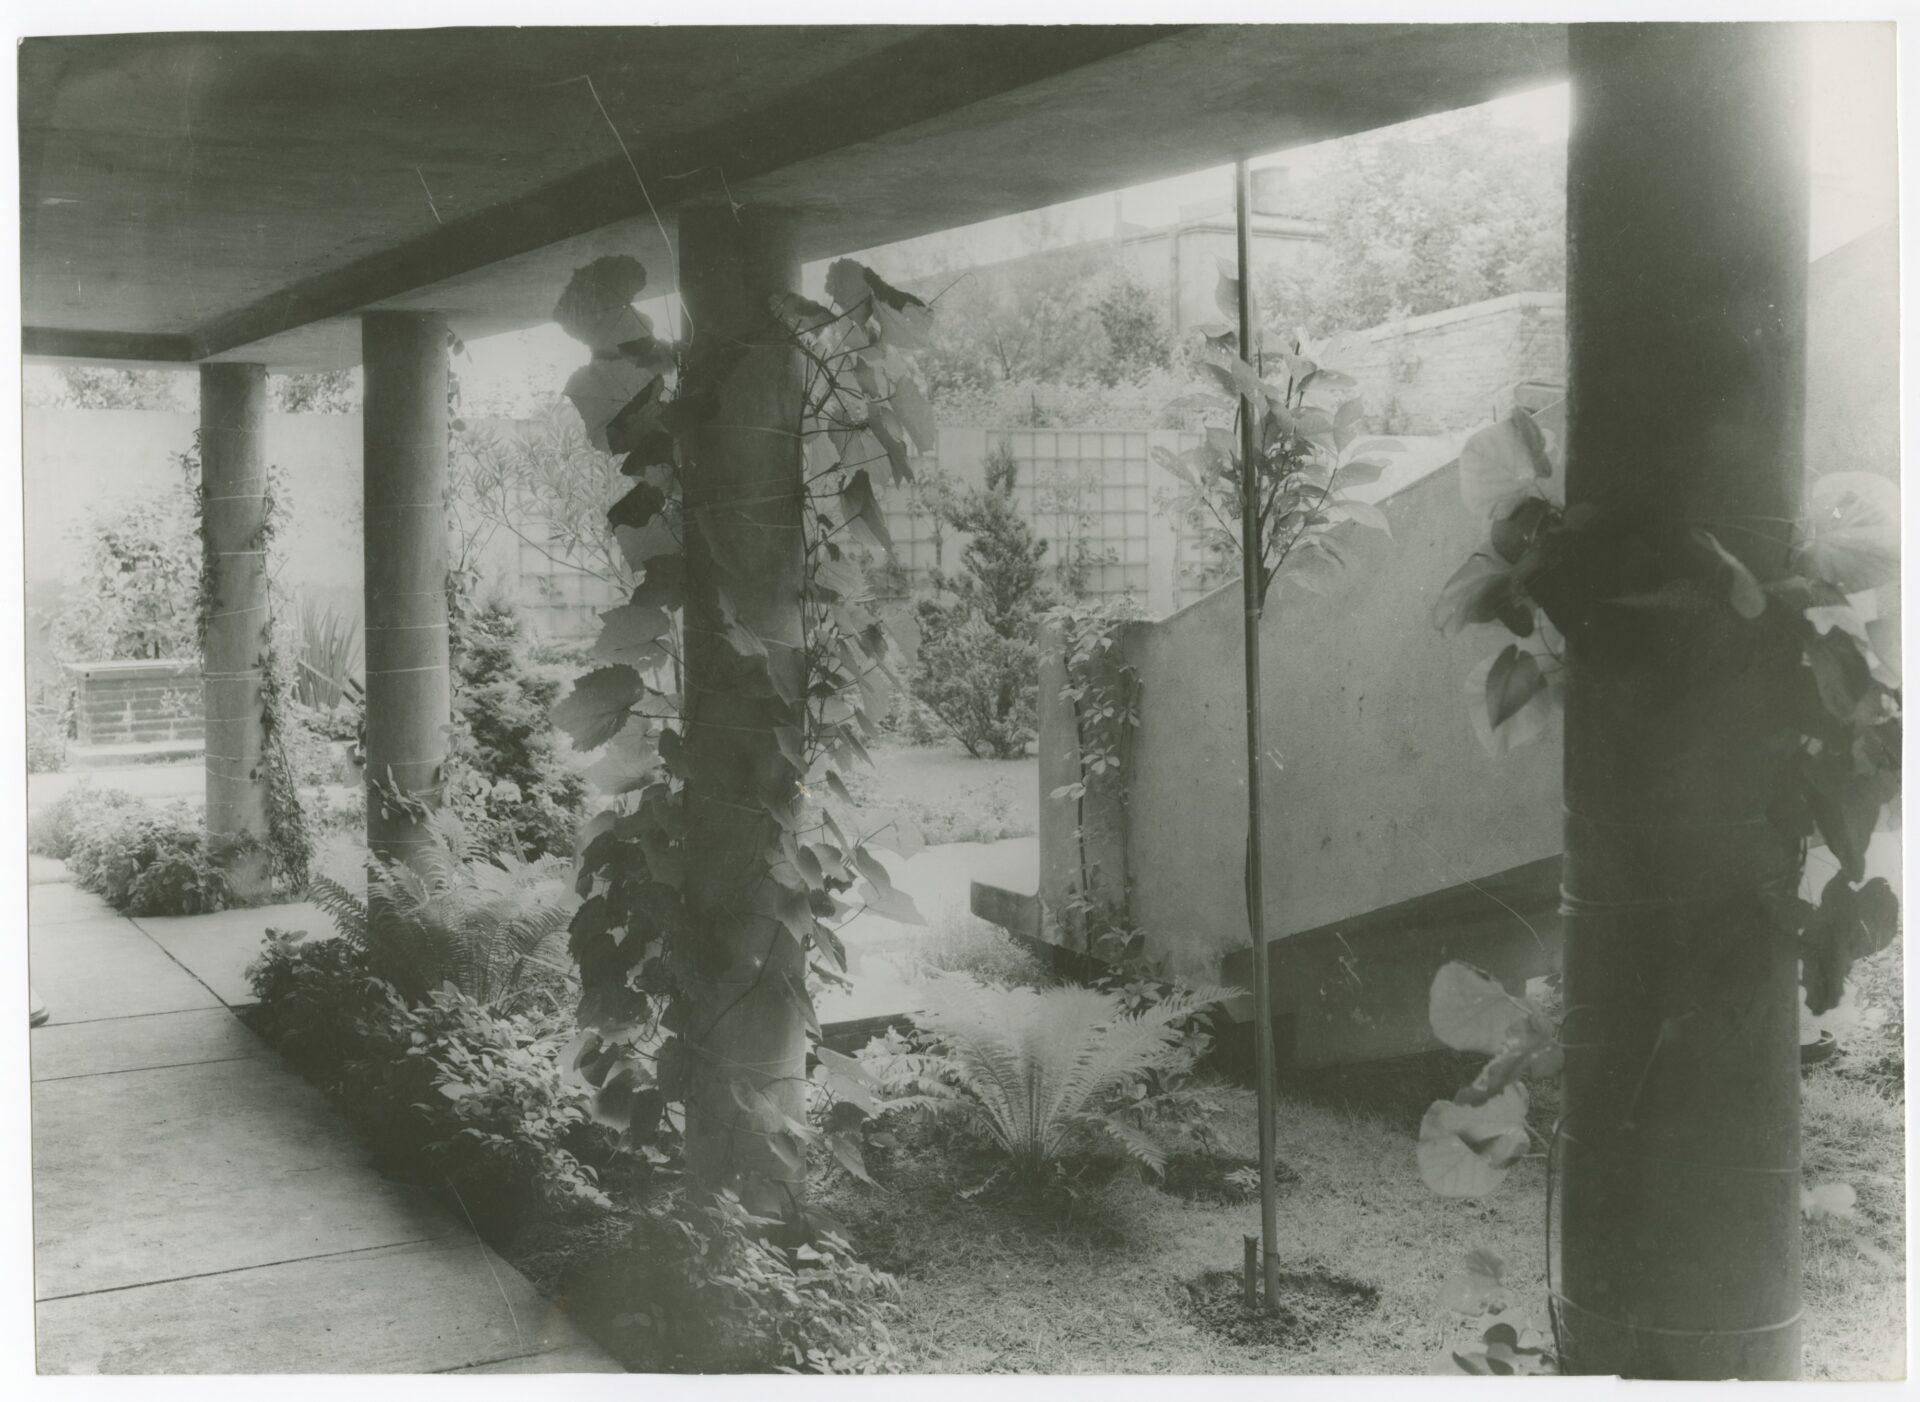 Czarno-białe zdjęcie. Fragment budynku porośniętego bluszczem.